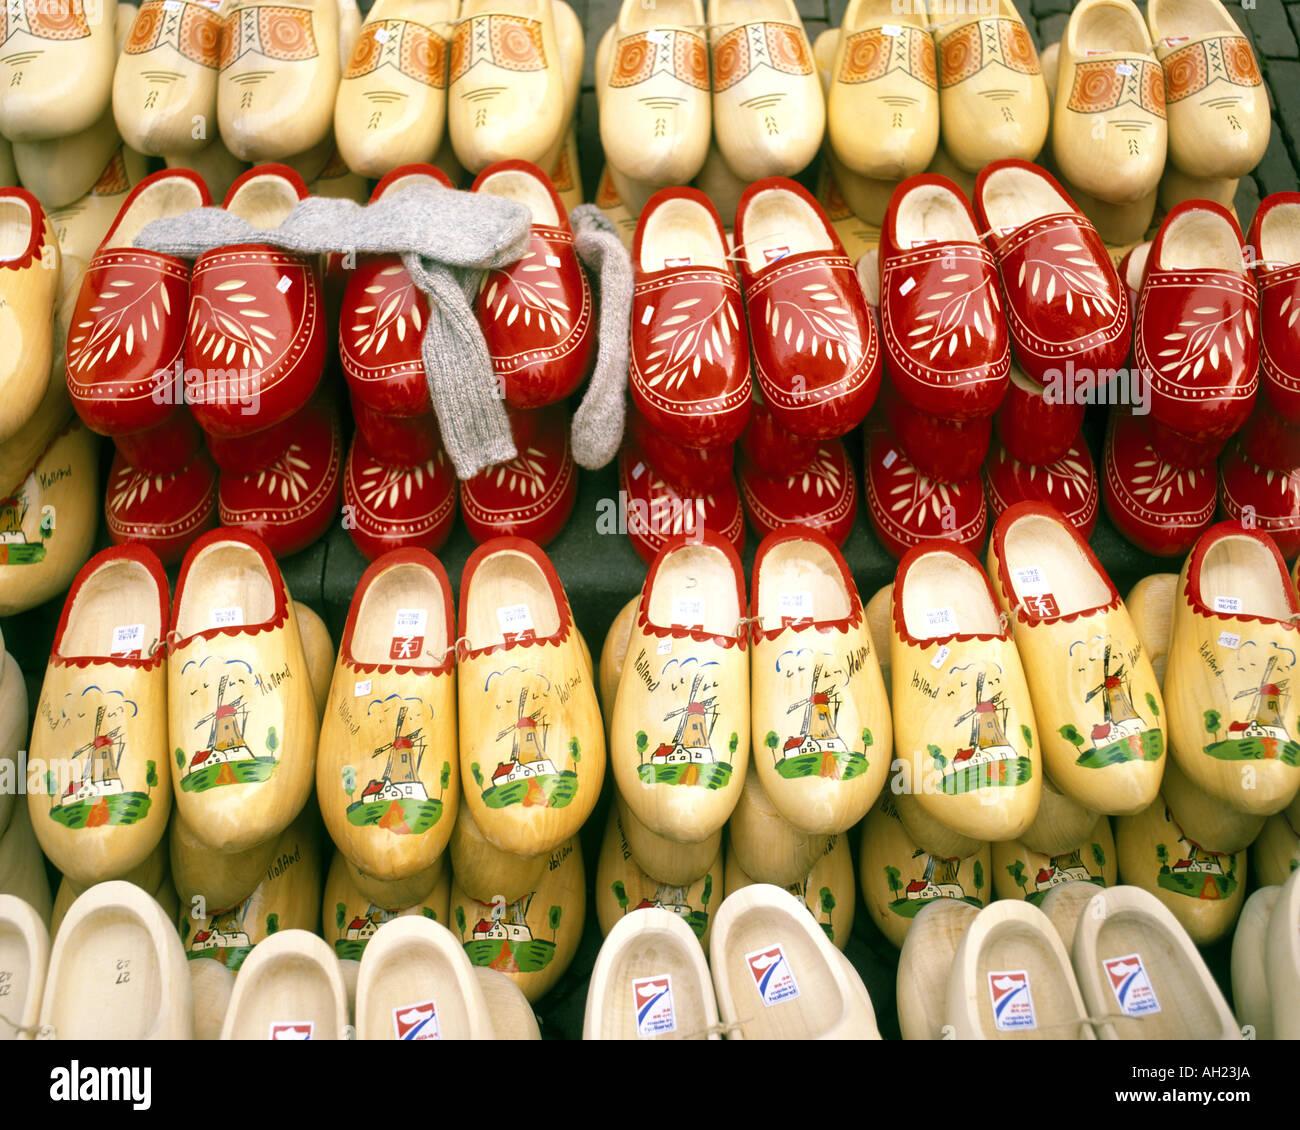 NL - Holanda: zuecos tradicionales en la pantalla. Imagen De Stock